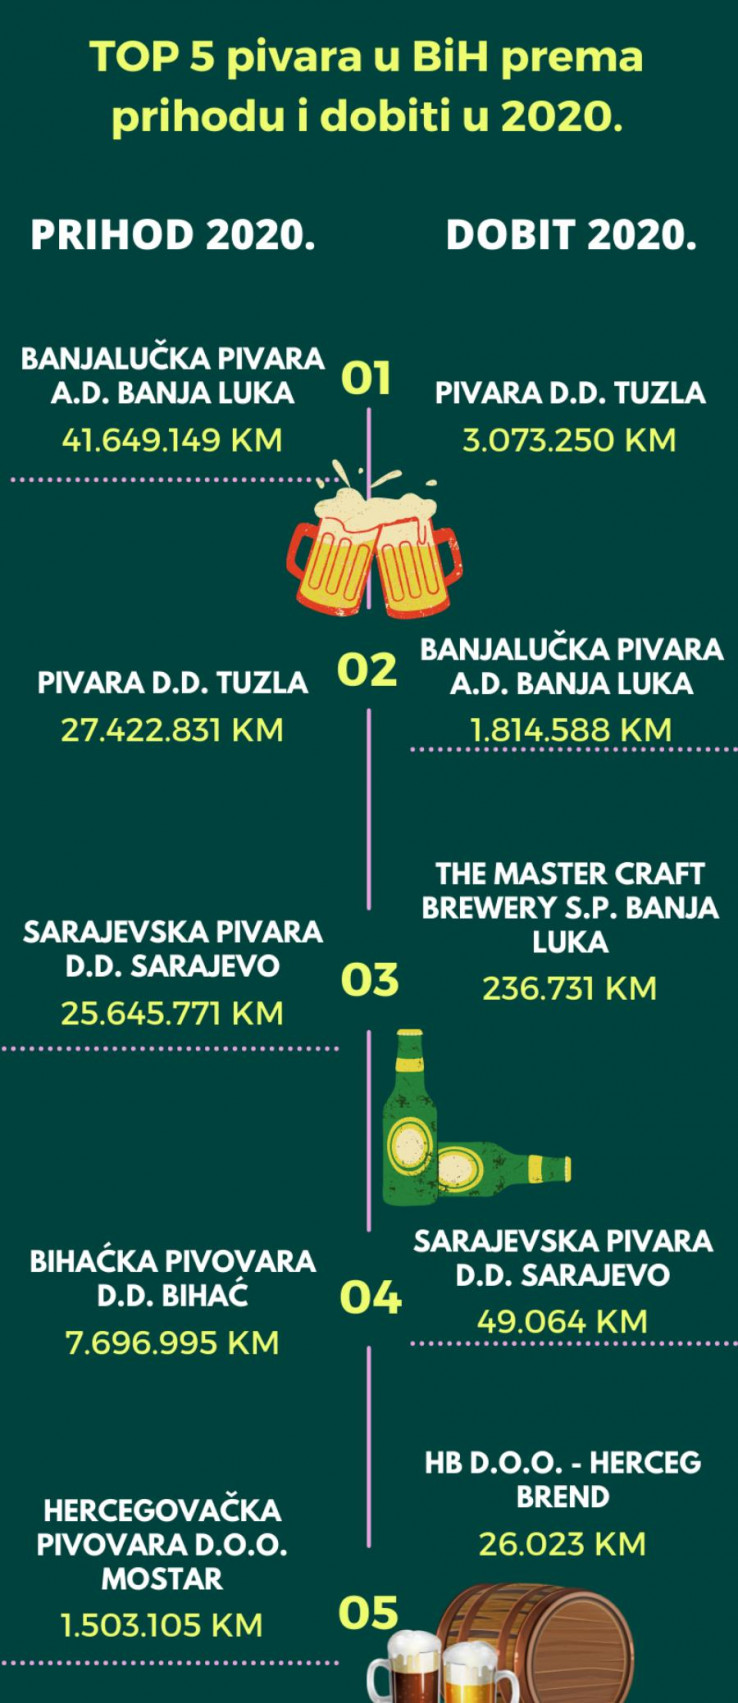 Lider je Banjalučka pivara